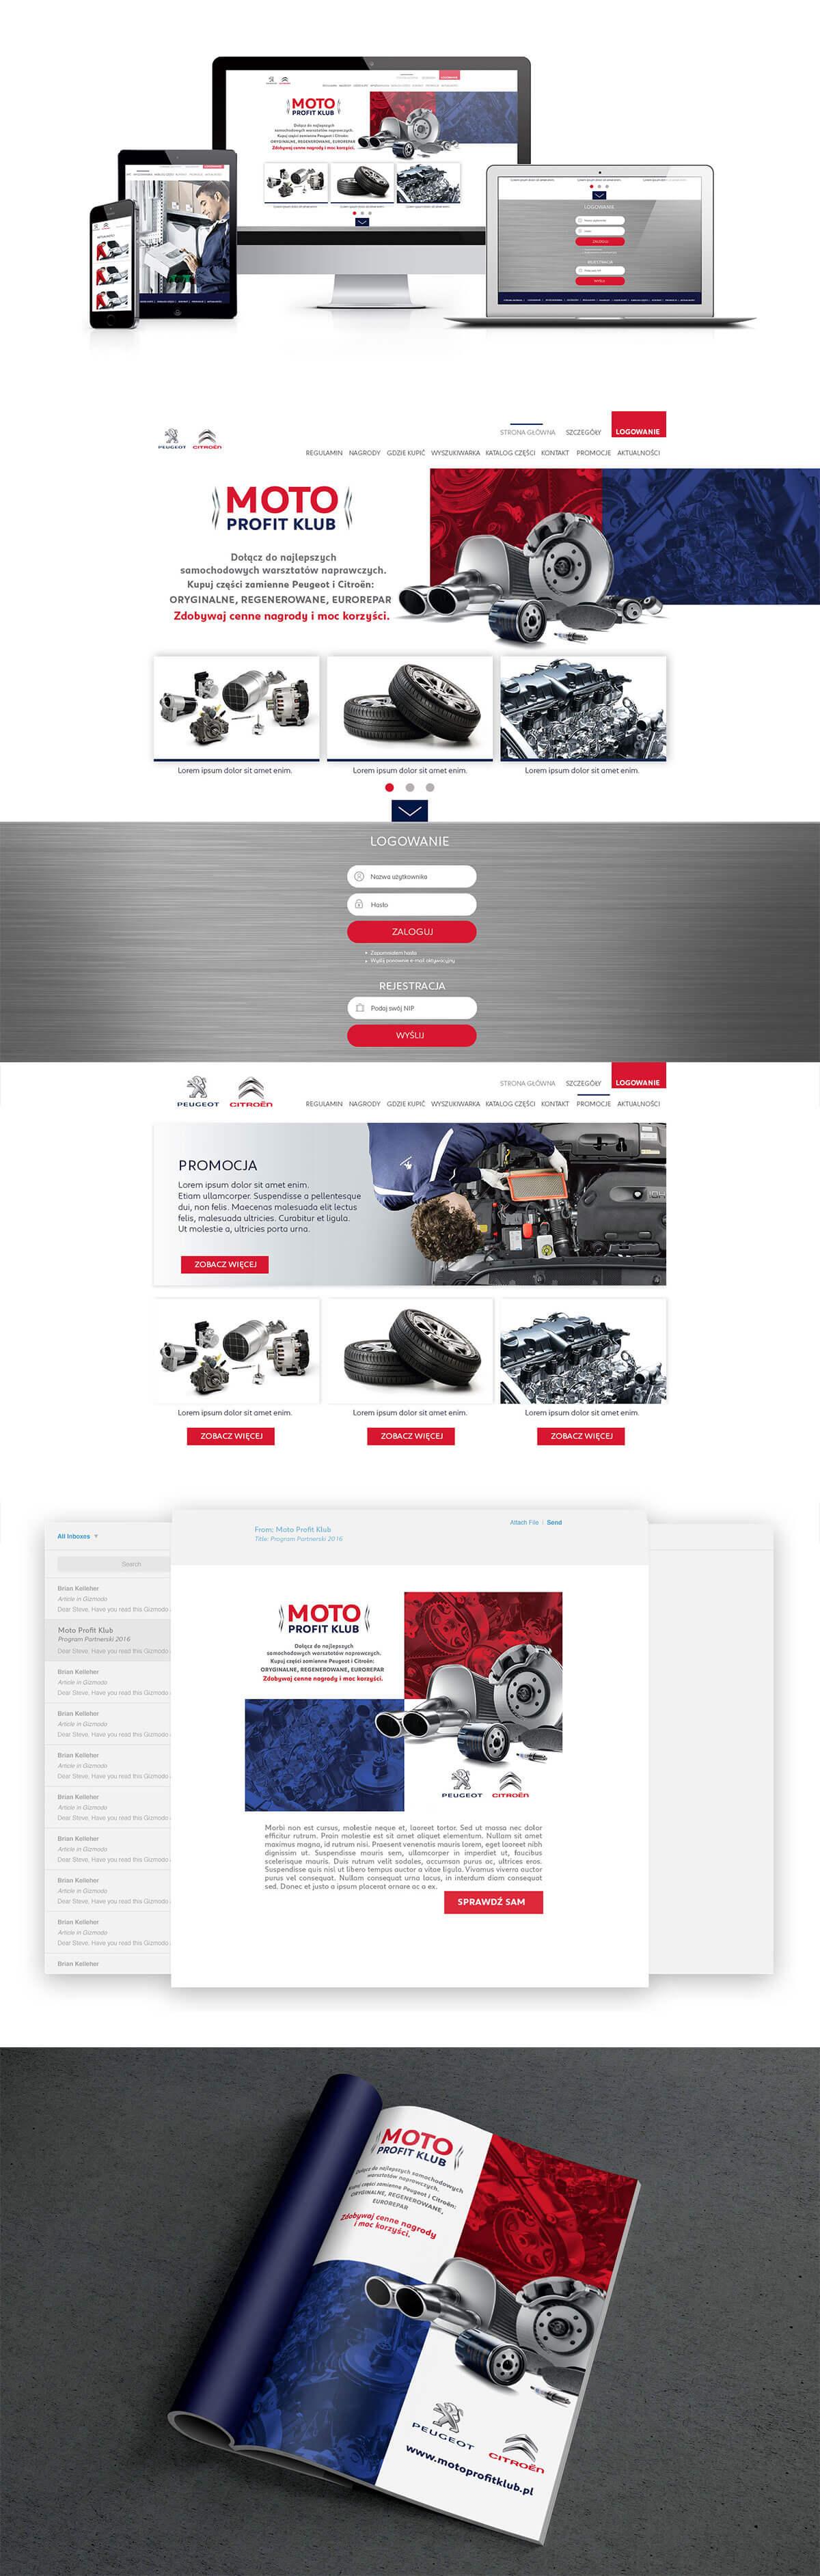 projekt strony internetowej moto profit klub